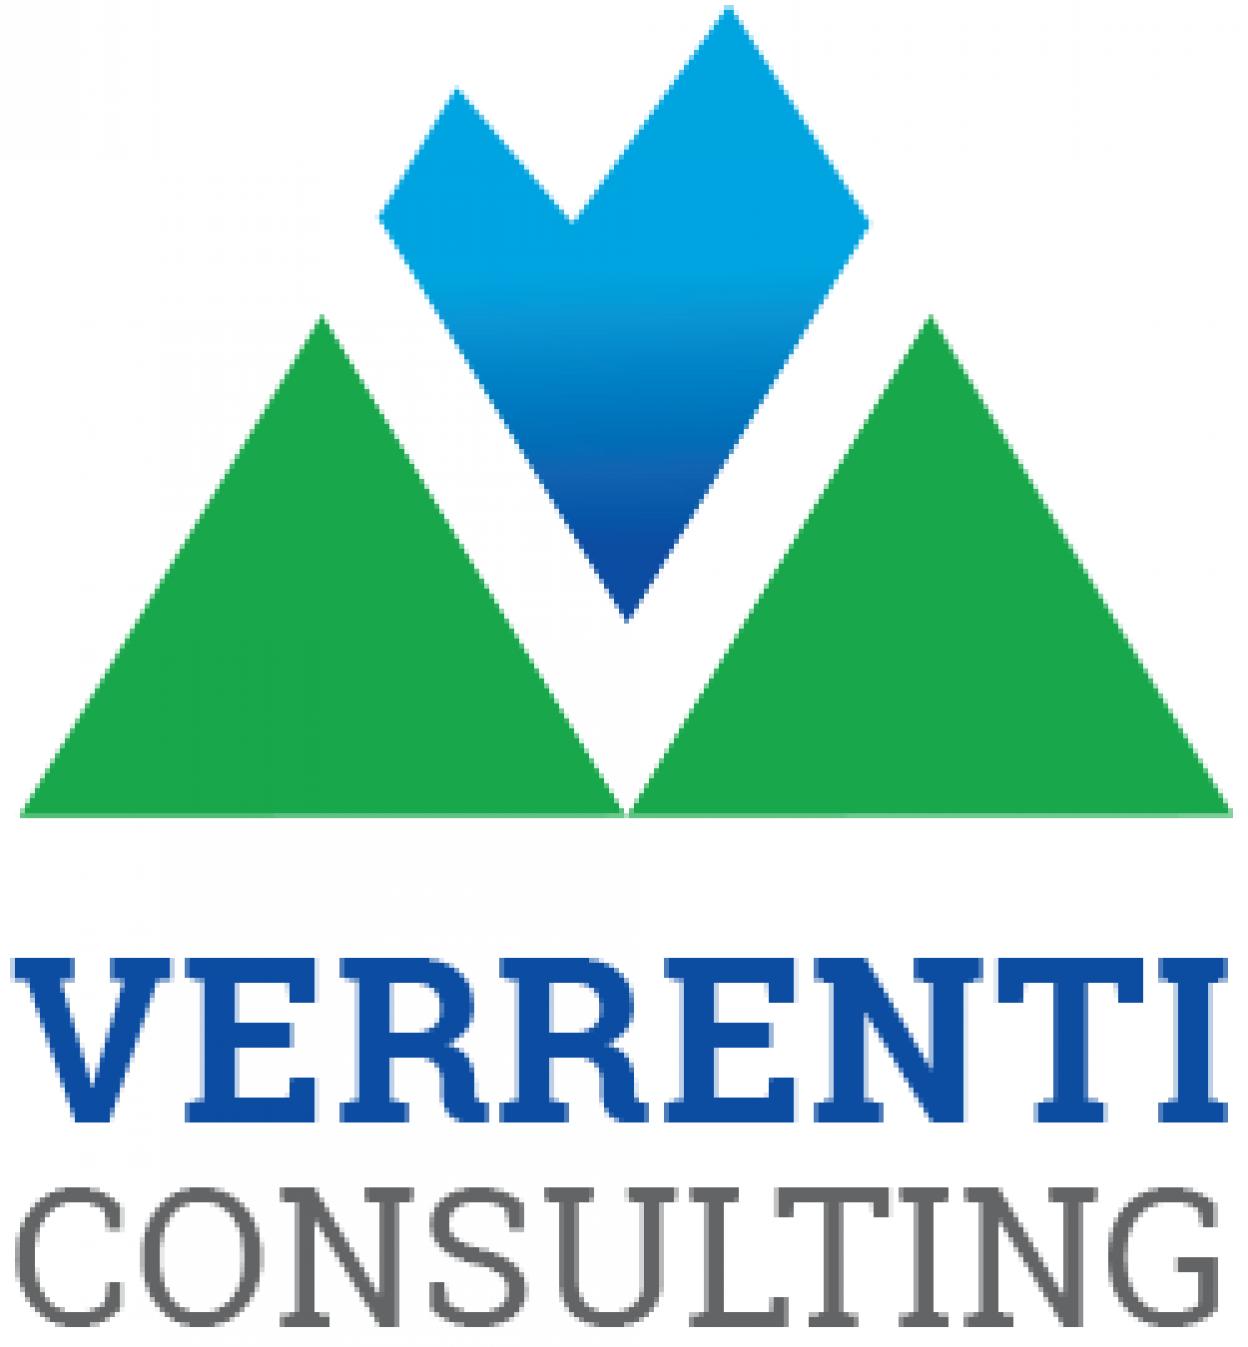 Verrenti Consulting